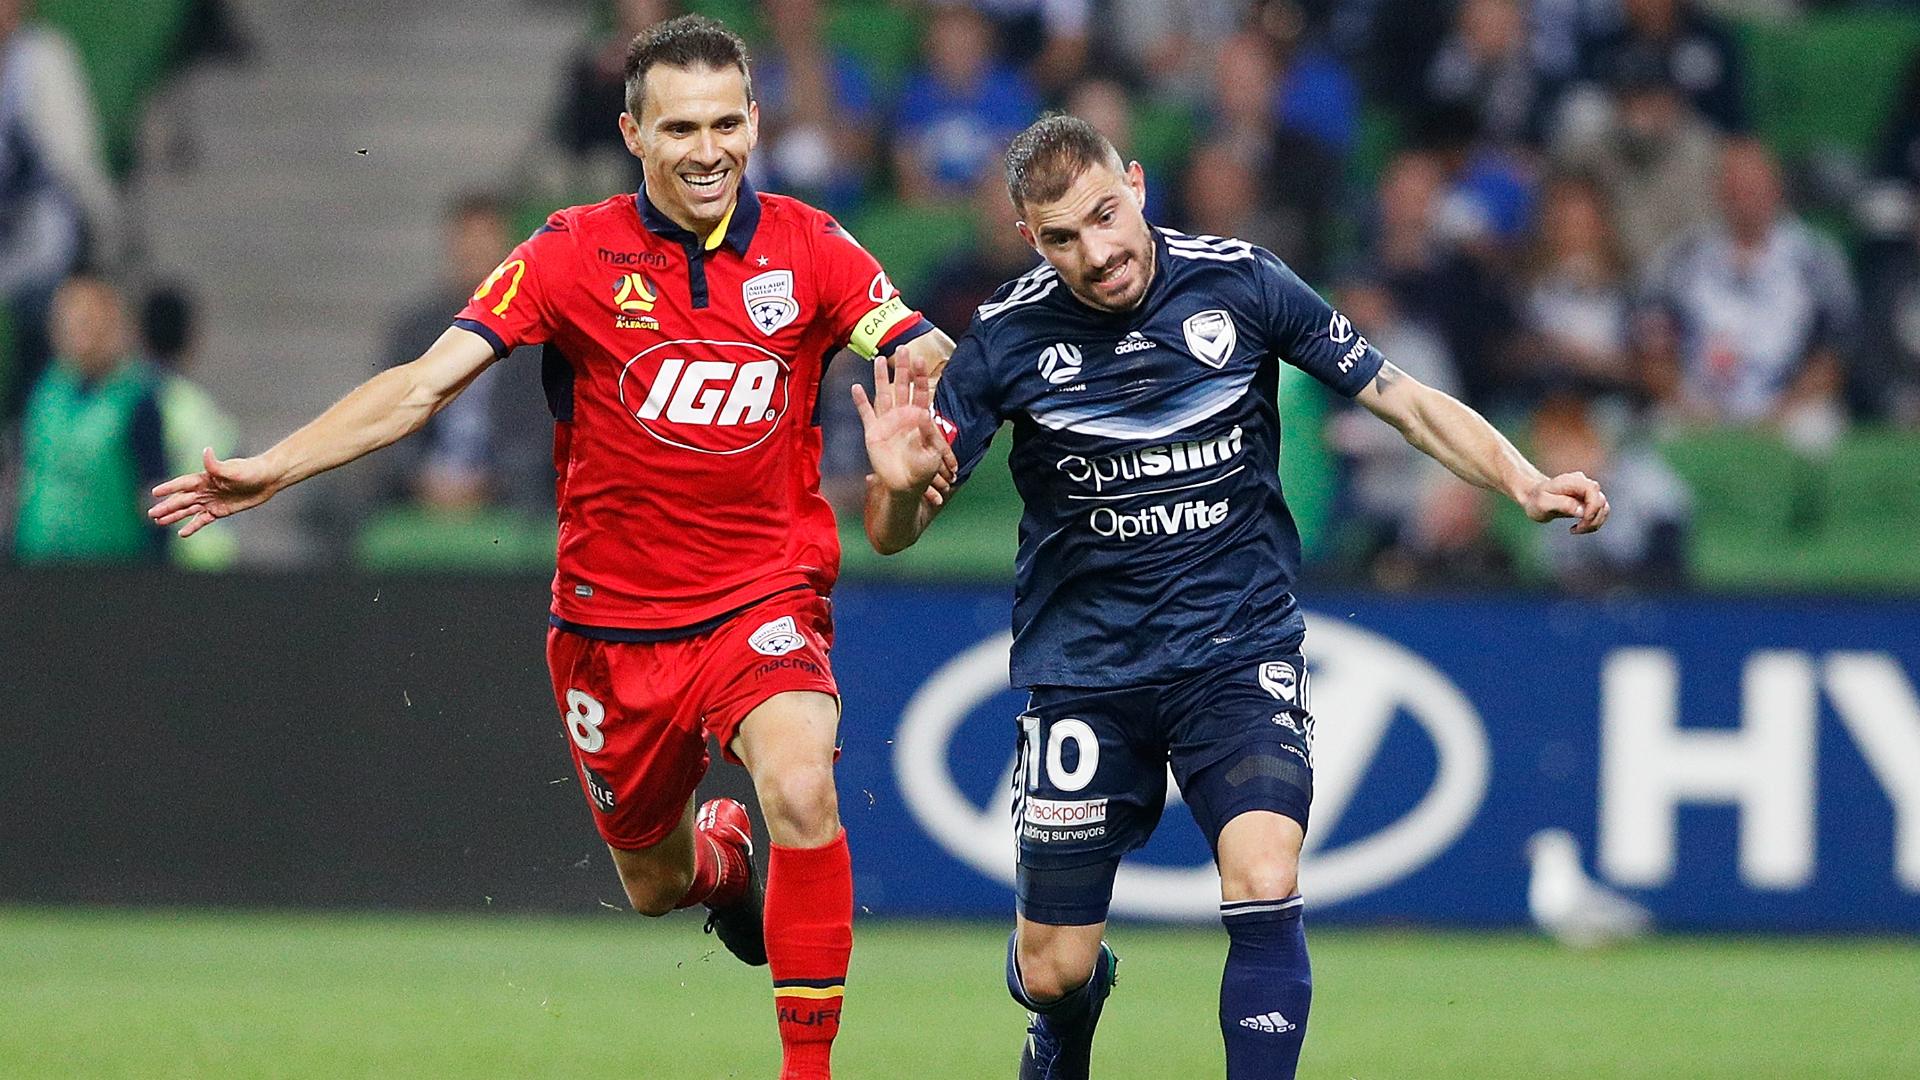 Adelaide v Melbourne Victory